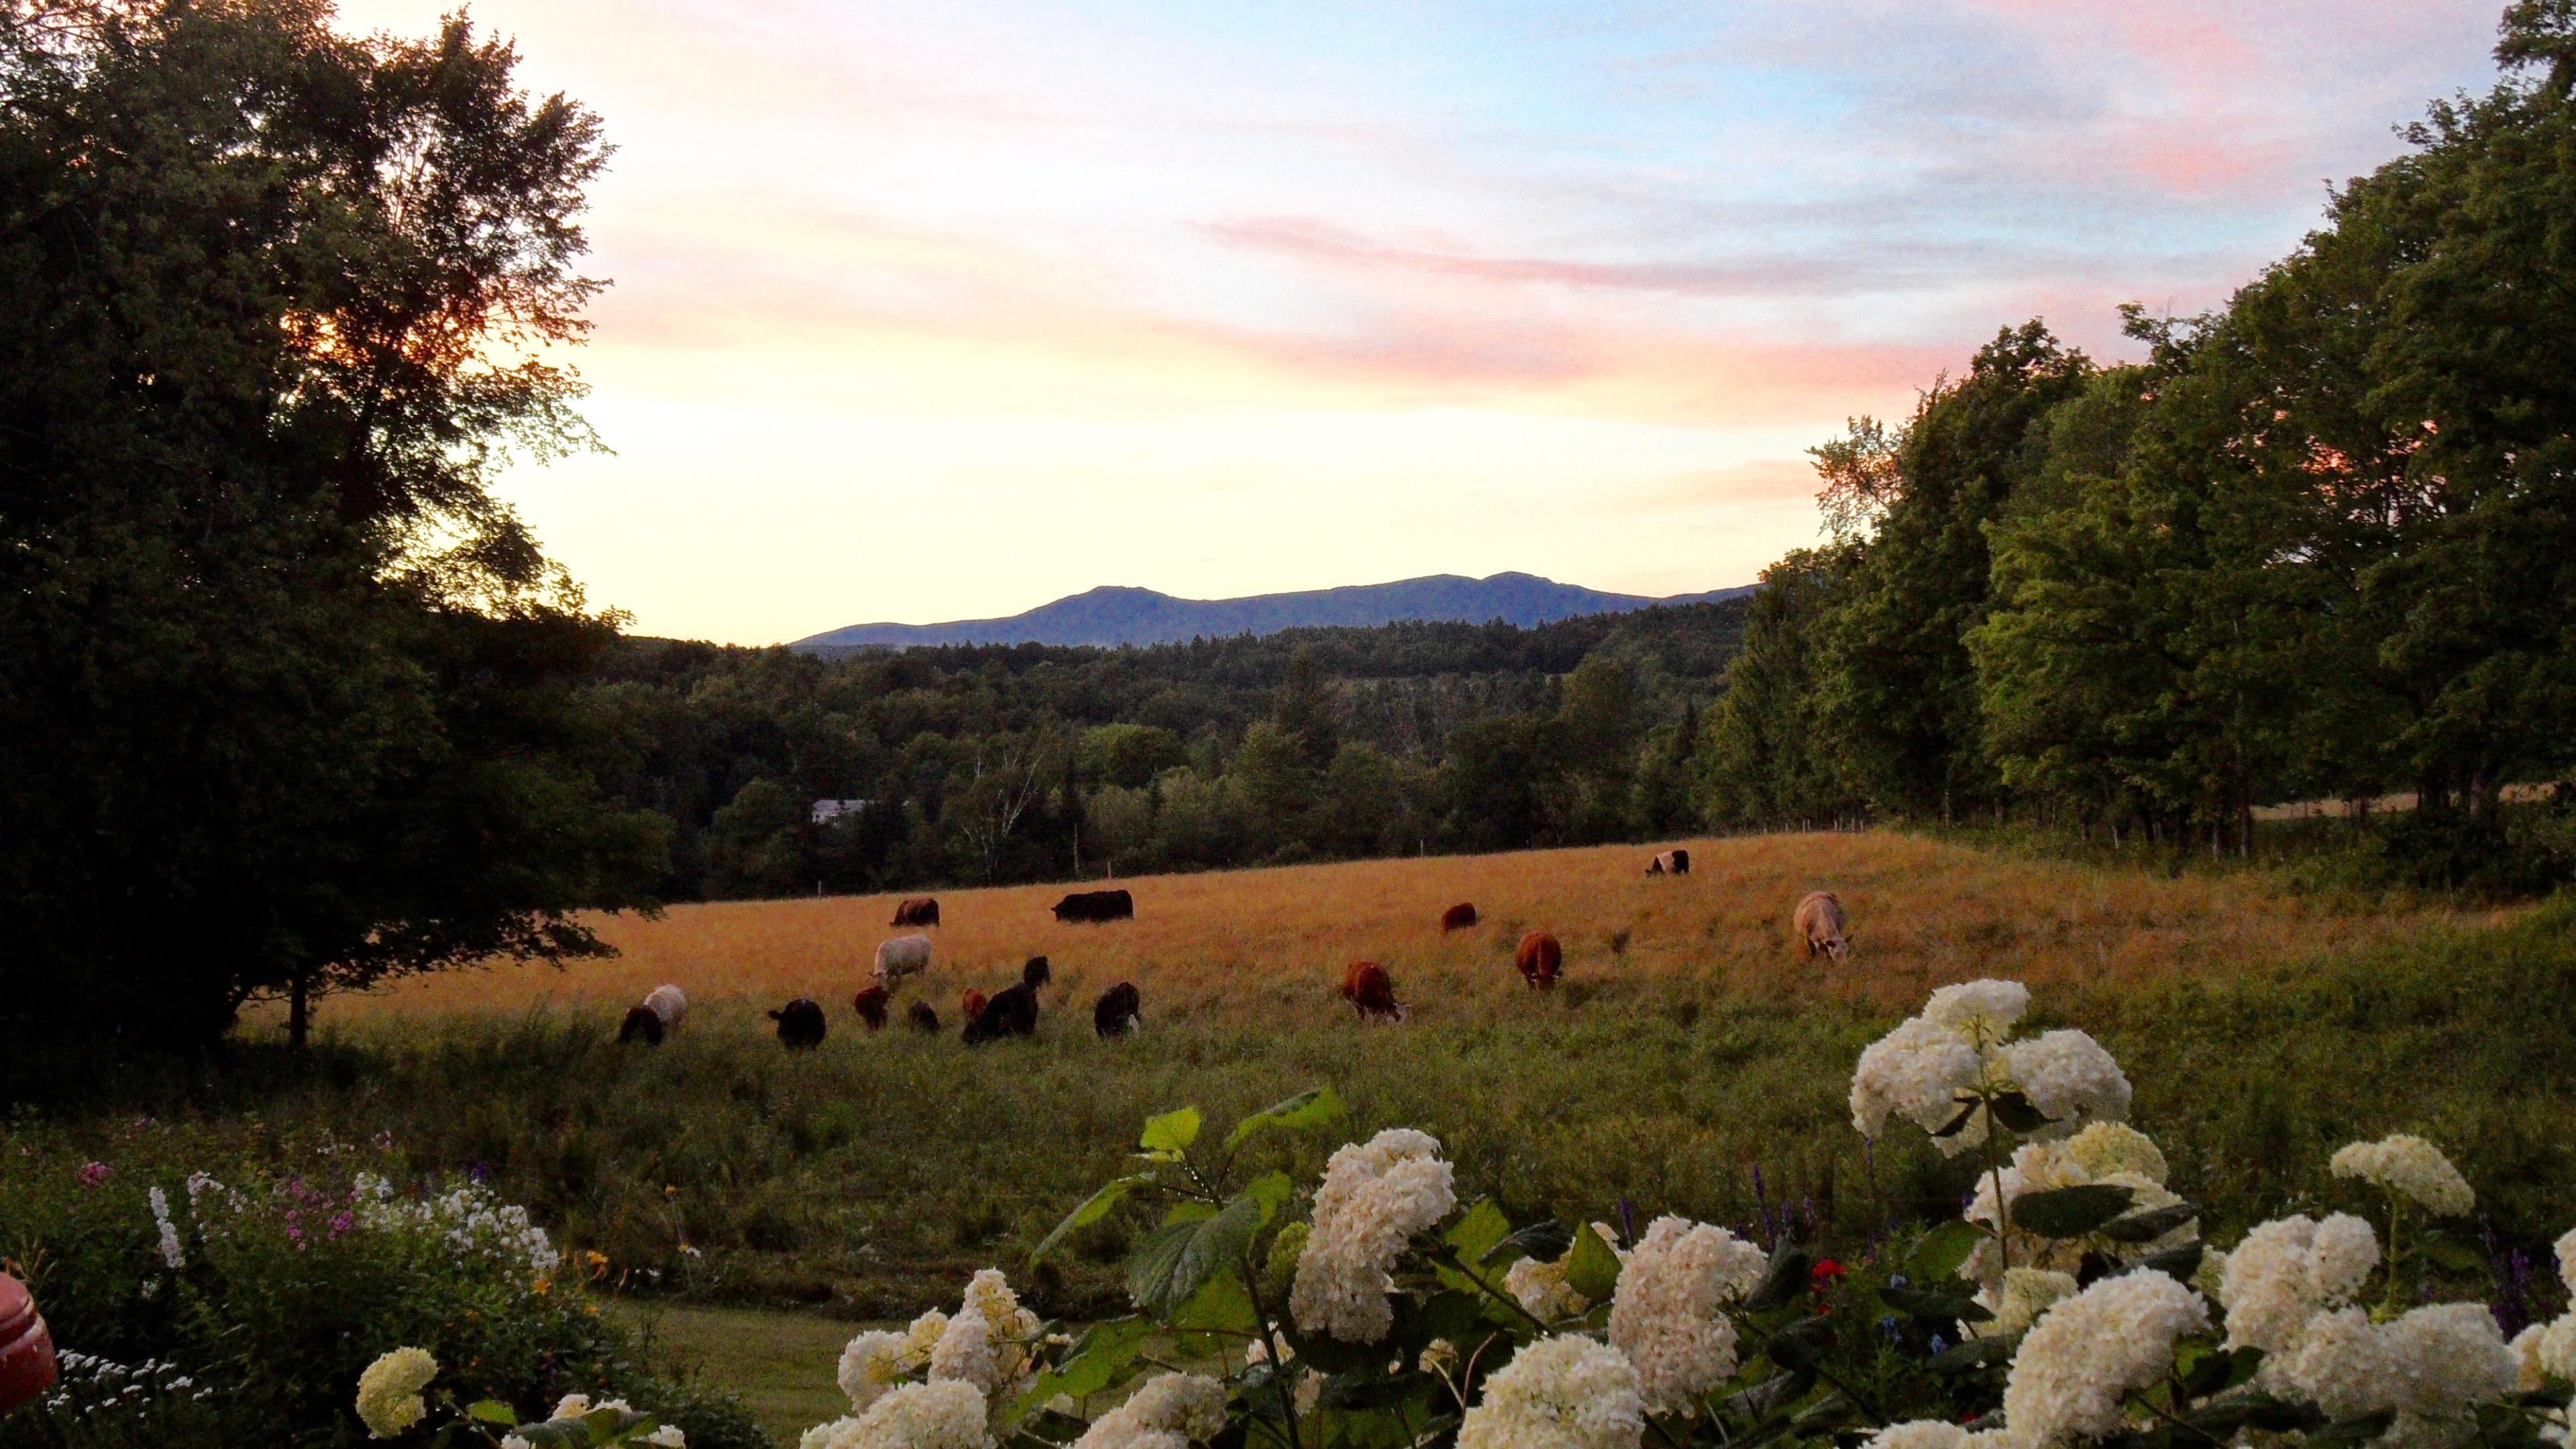 Evening herd